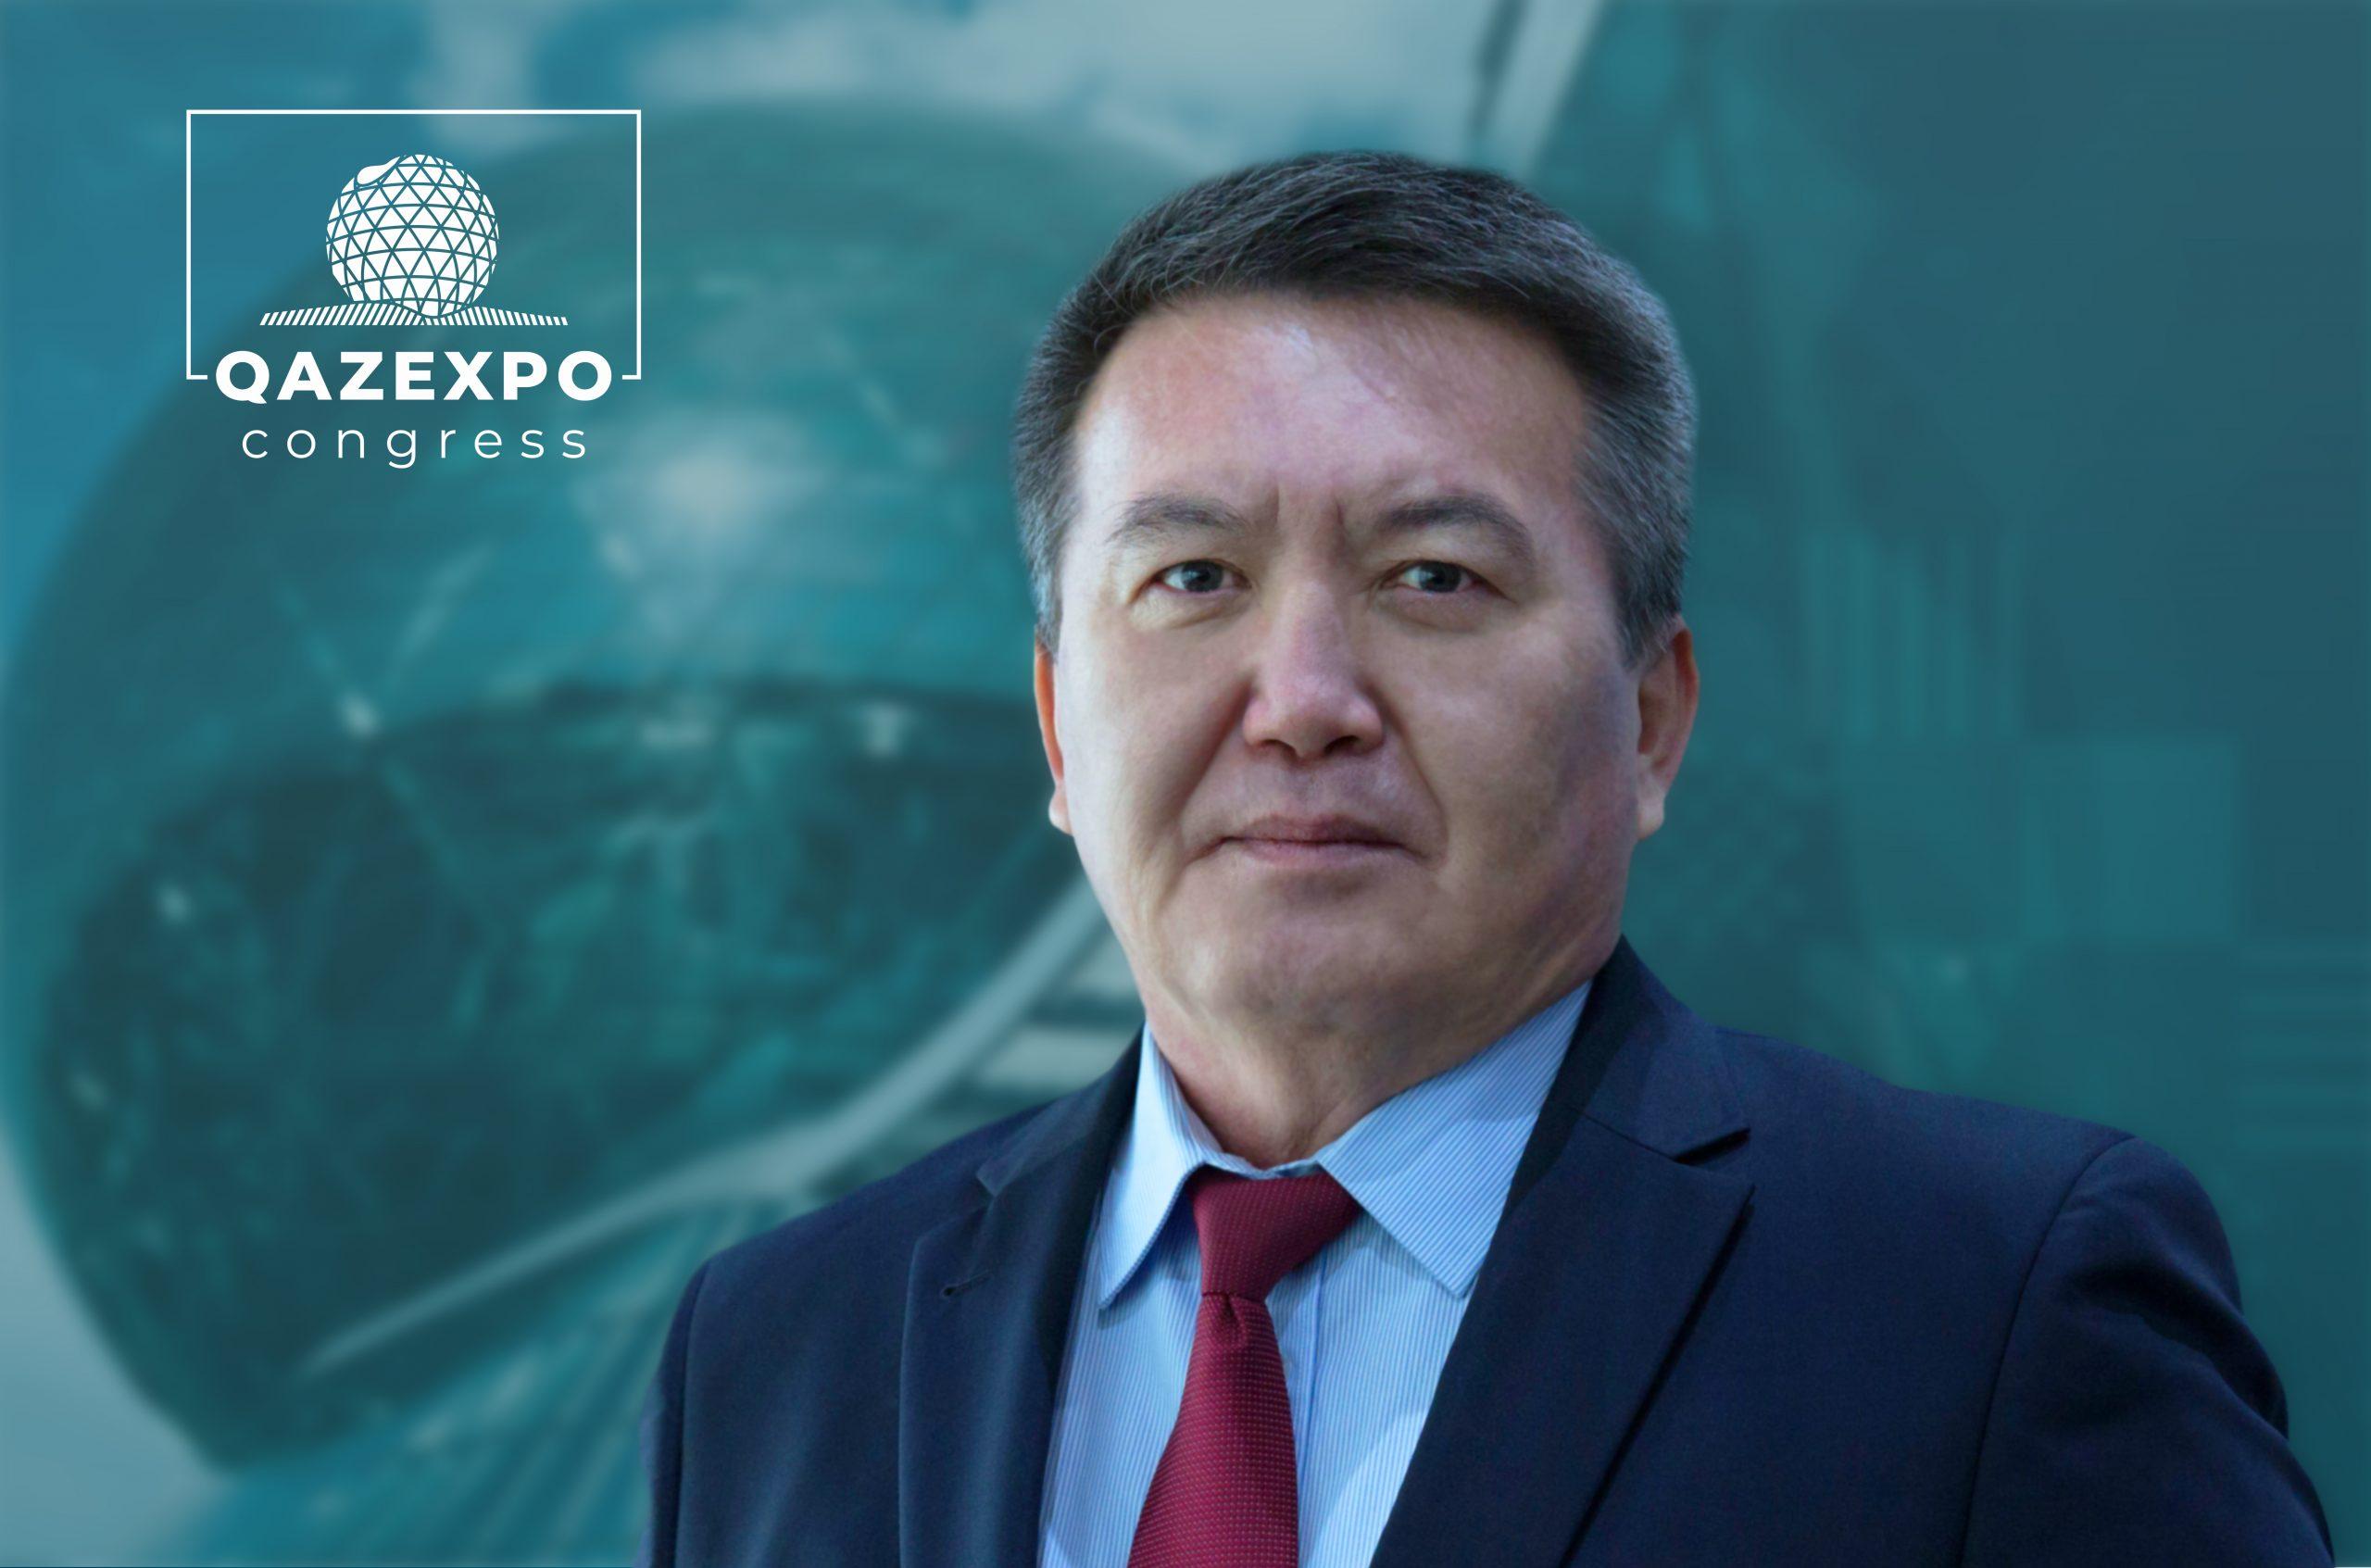 Baurzhan Bekeshev